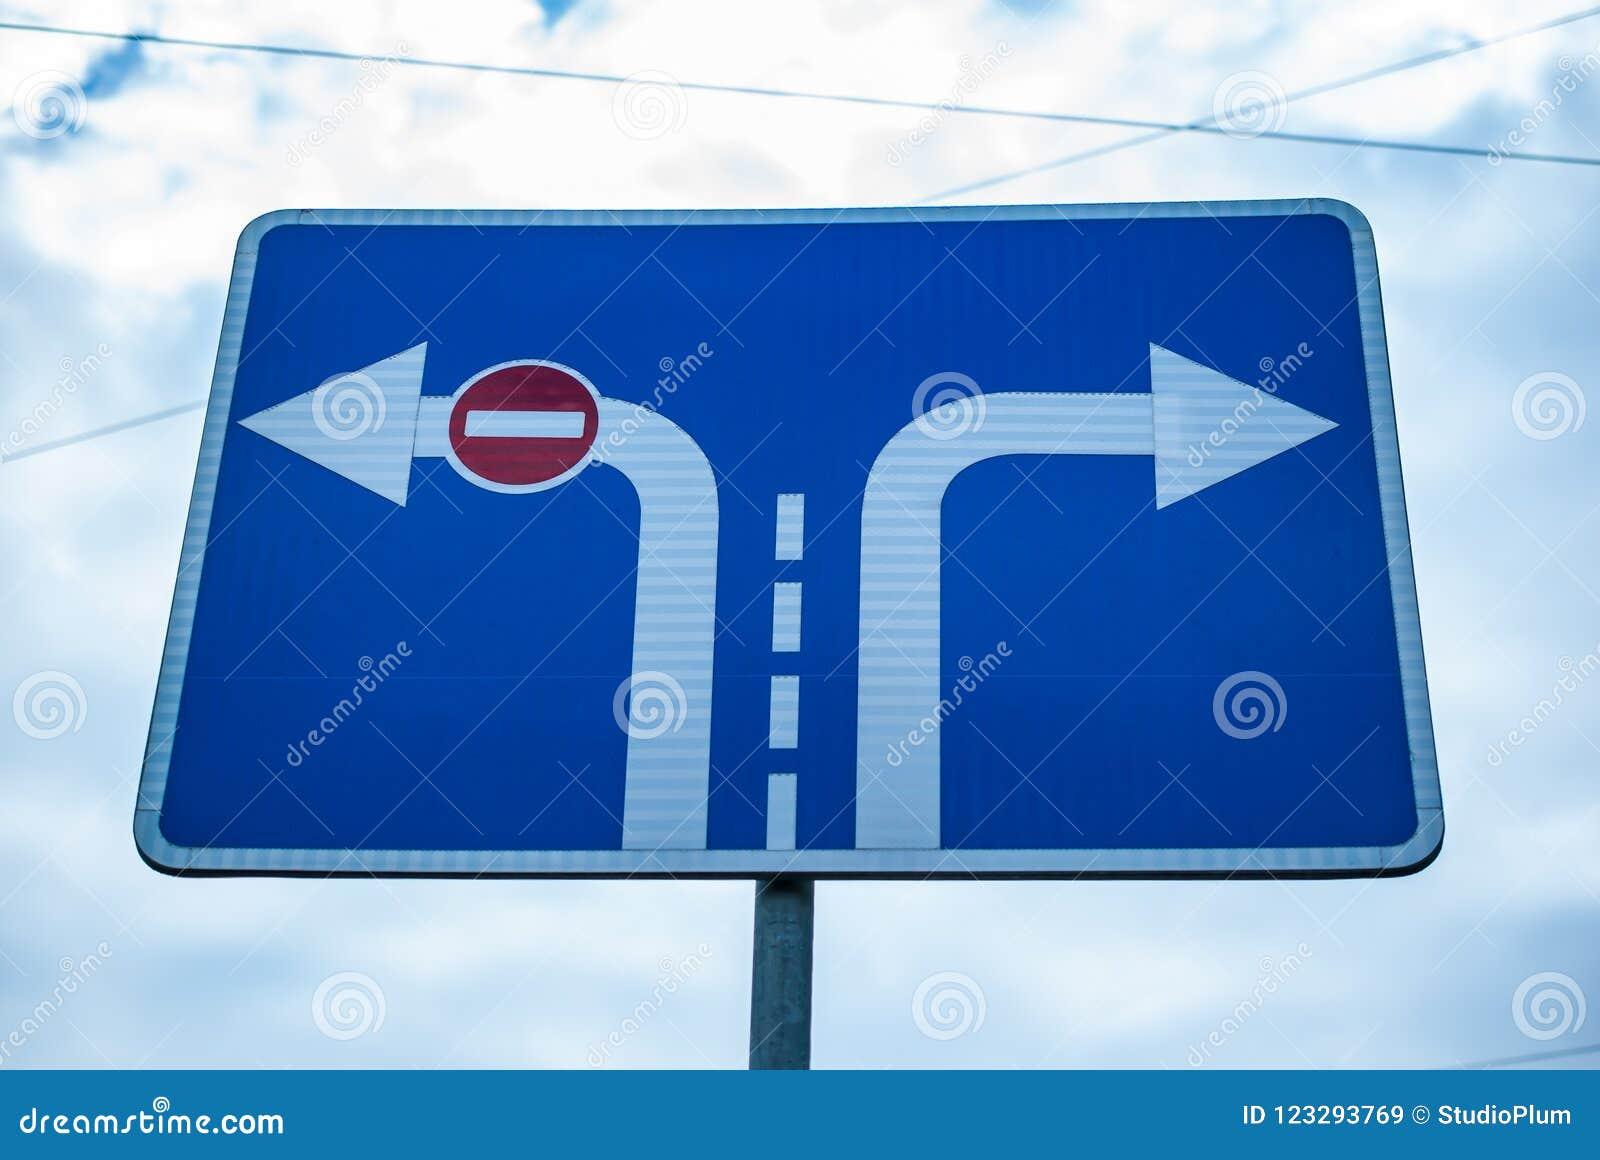 Verkehrsschildfahrtrichtung und -eintritt verboten auf Himmelhintergrund